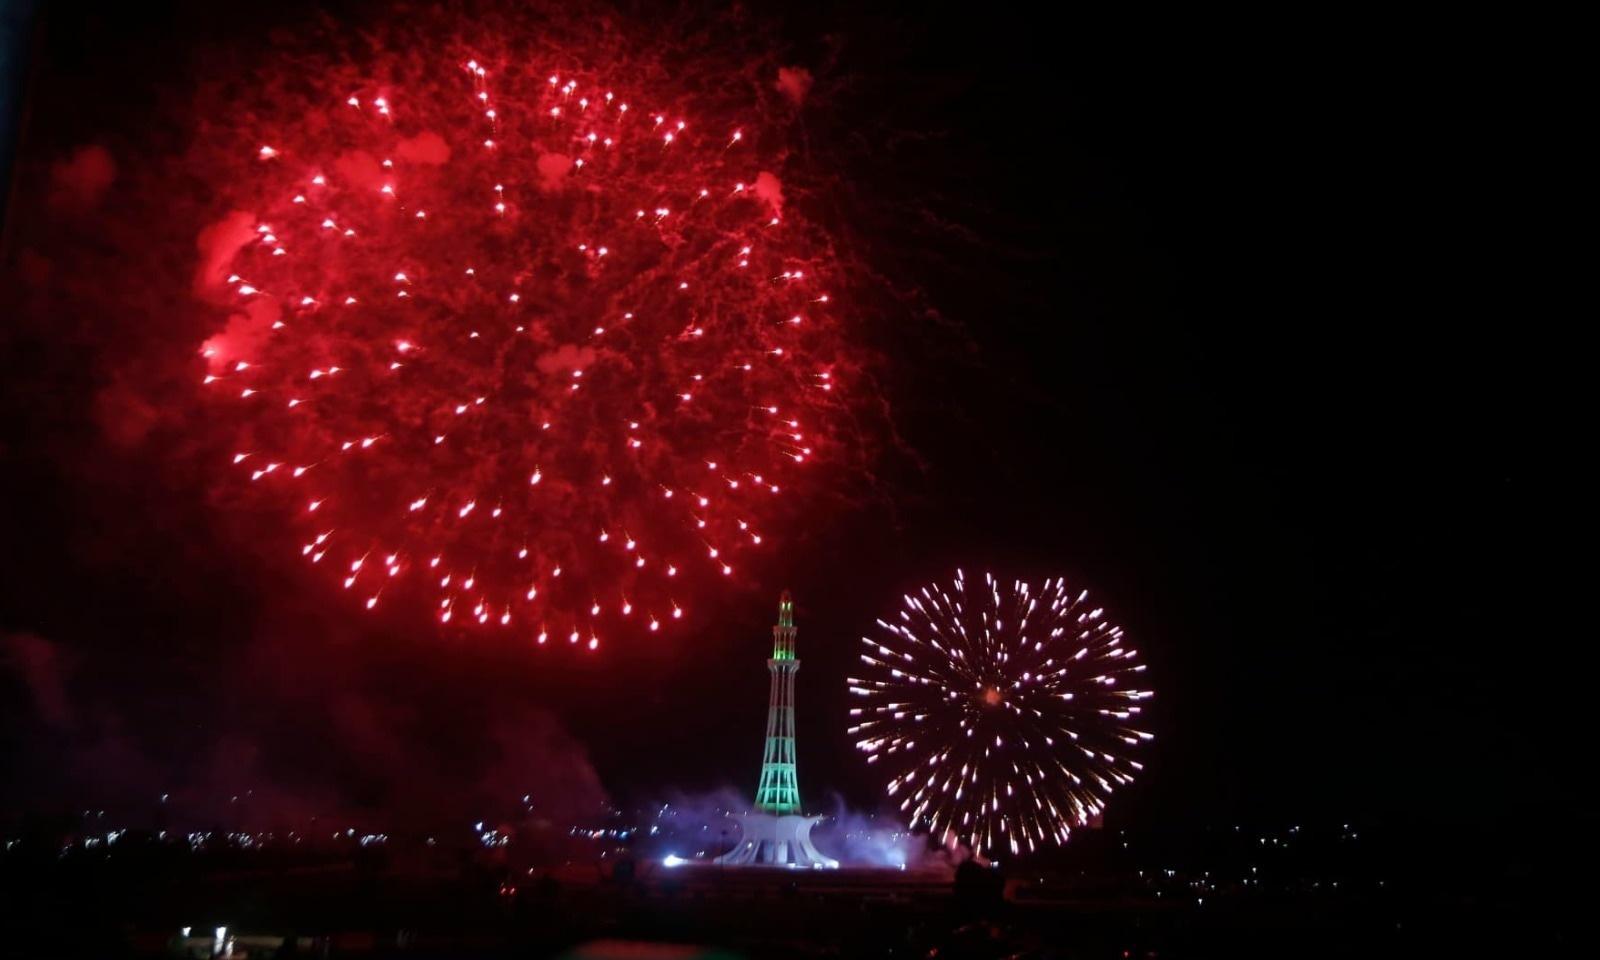 مینار پاکستان لاہور میں یوم آزادی کی خوشی میں آتش بازی کی جارہی ہے — فوٹو: اے پی